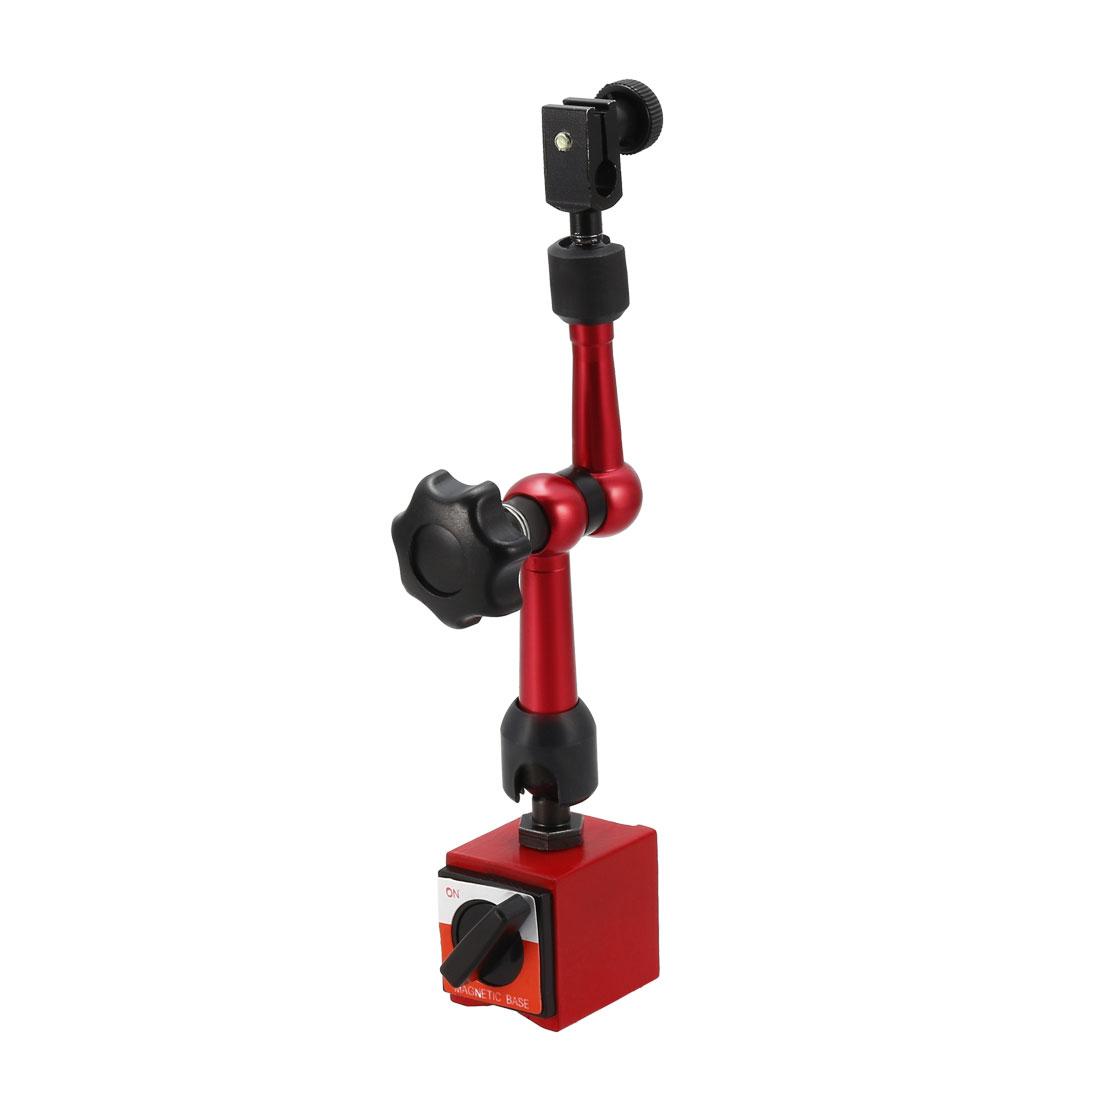 Dial Gage Holder Magnetic Base Adjustable Metal Test Indicator Holder 8 inch